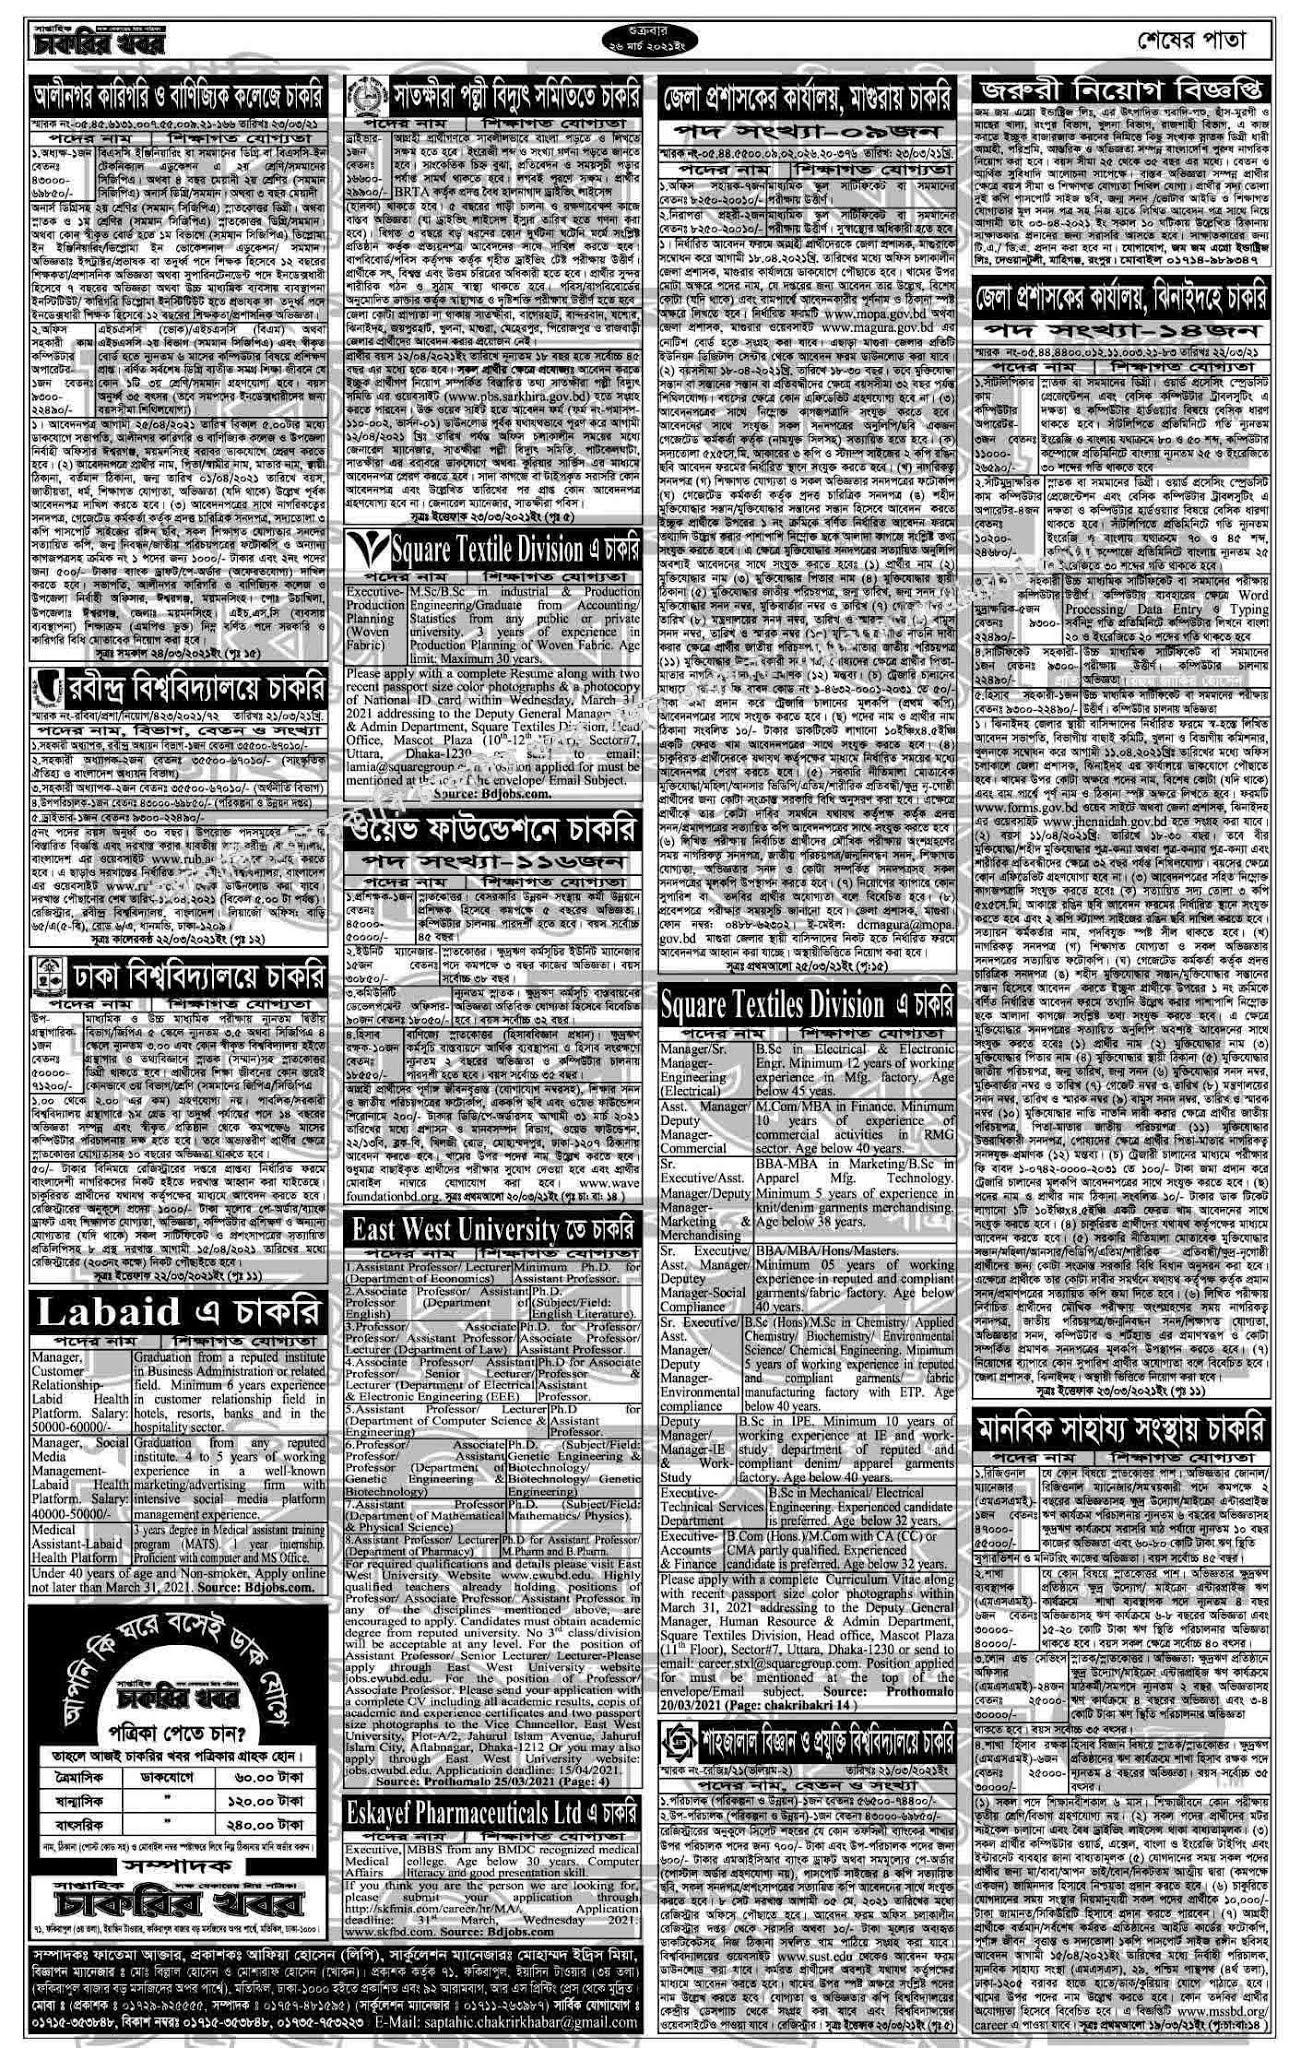 সাপ্তাহিক চাকরির খবর ২৬ মার্চ ২০২১ এর শেষ পৃষ্ঠা